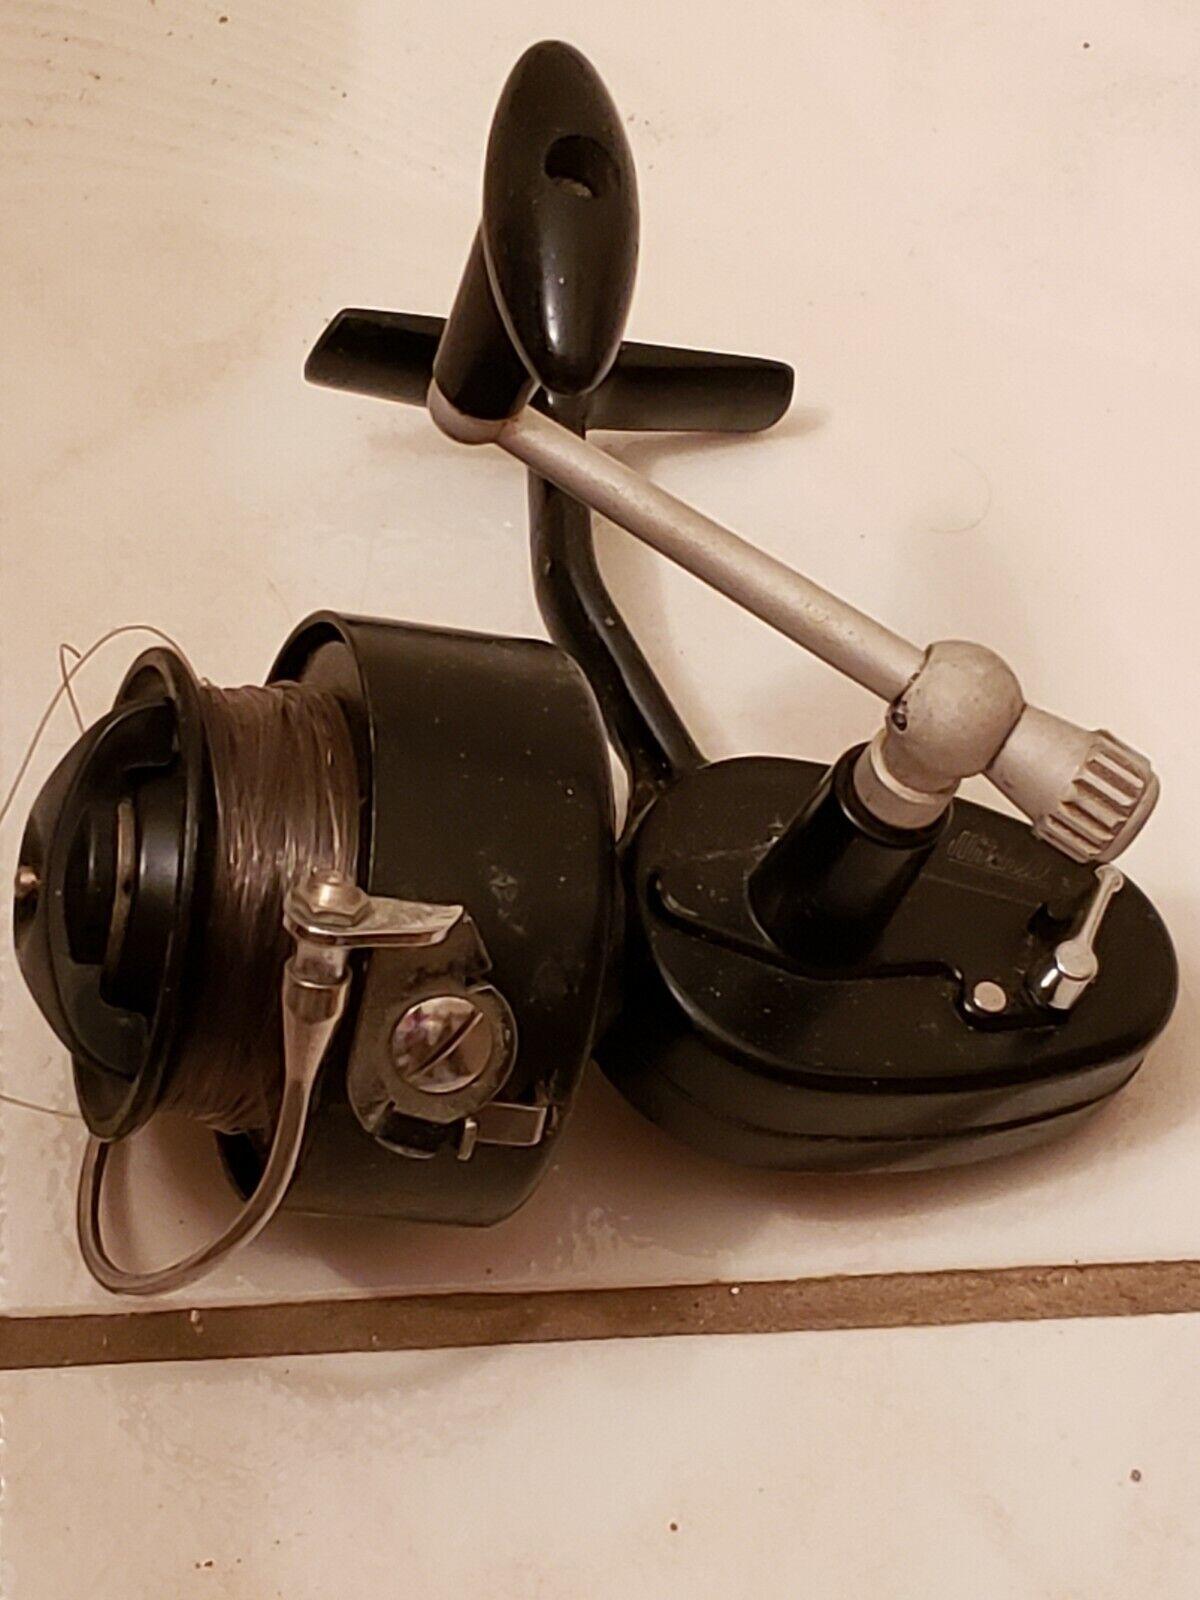 Vintage Garcia Mitchell 306 Spinning Reel